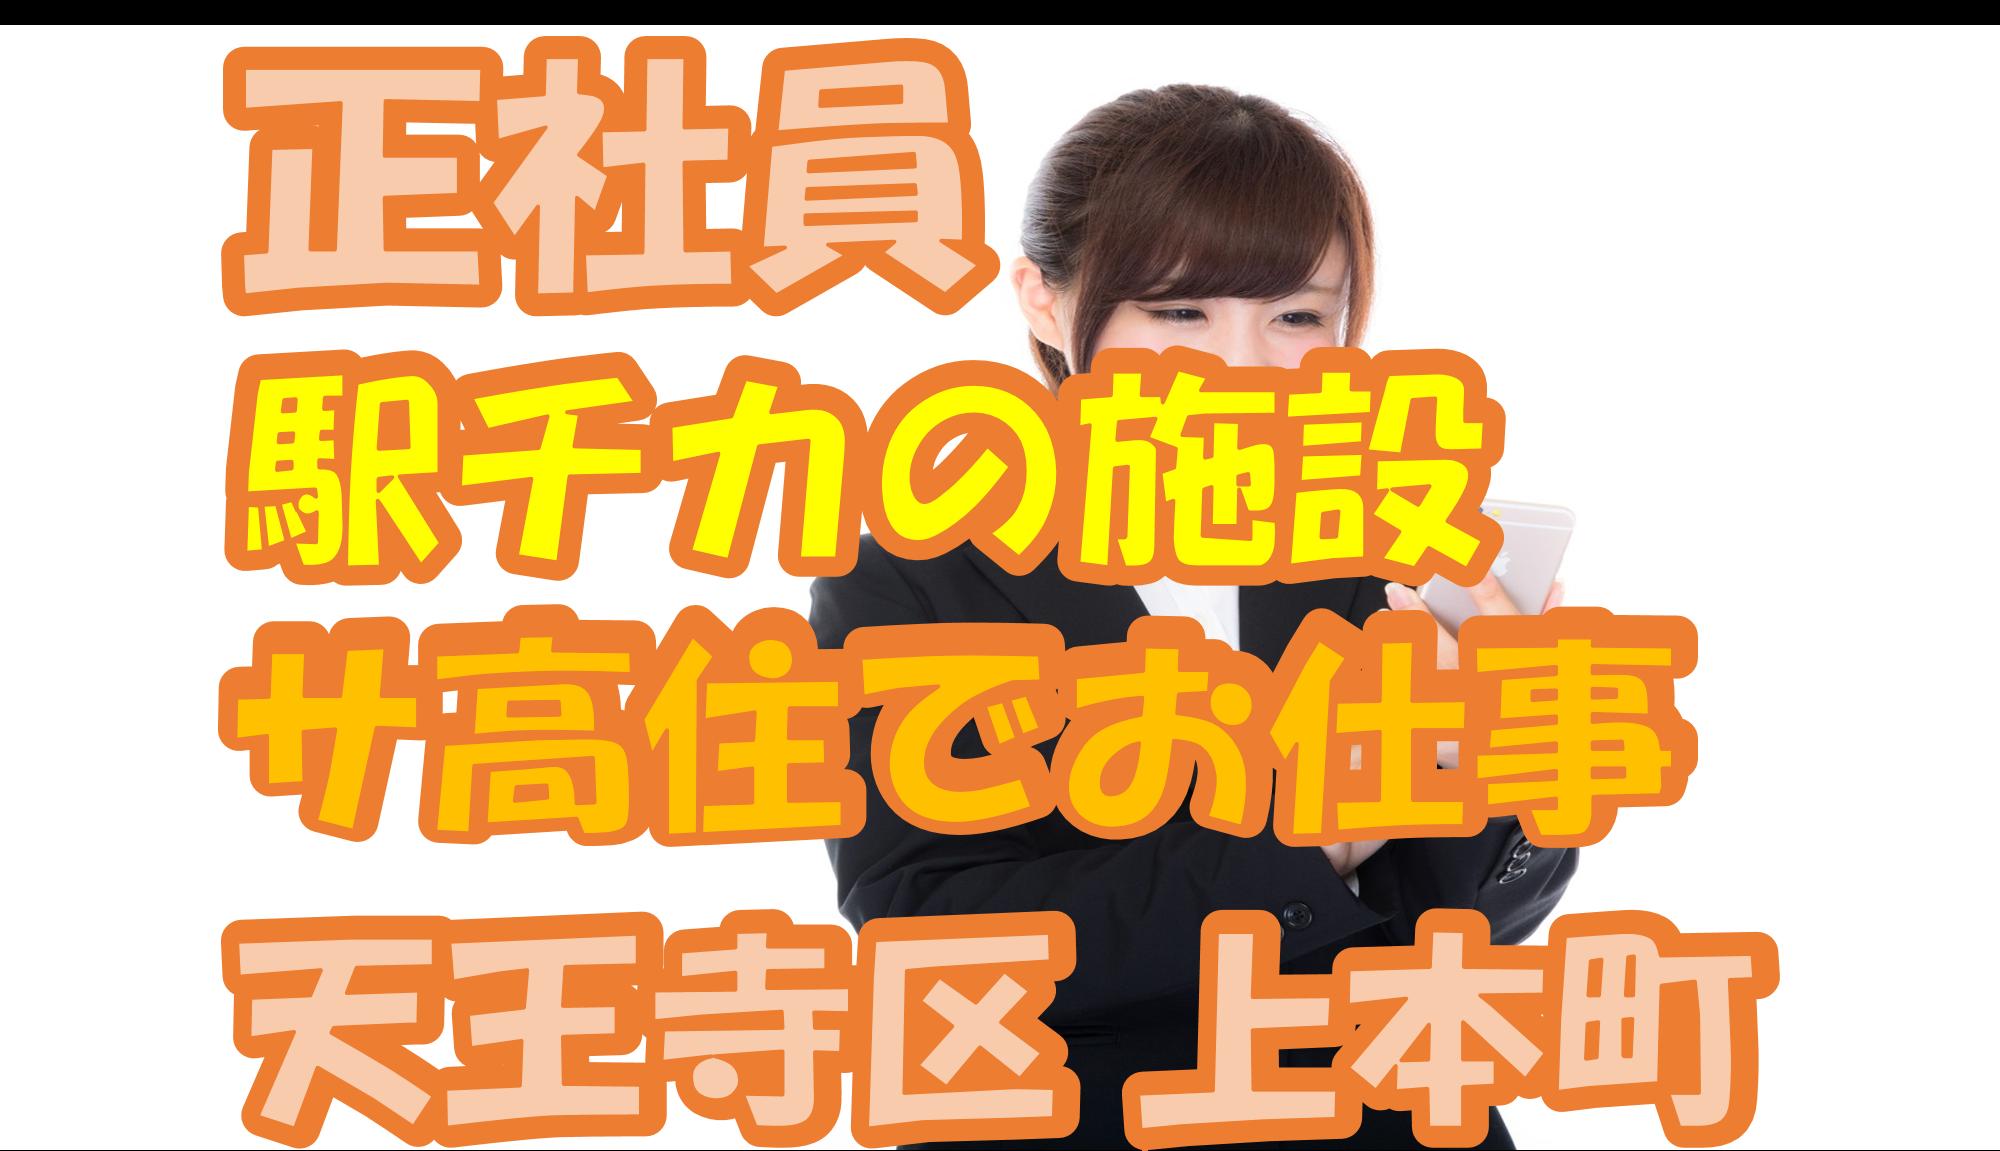 【大阪市天王寺区】介護スタッフ(正社員)好アクセスで通いやすい◎待遇も充実で働きやすい♪s-ootj-h2-sho イメージ